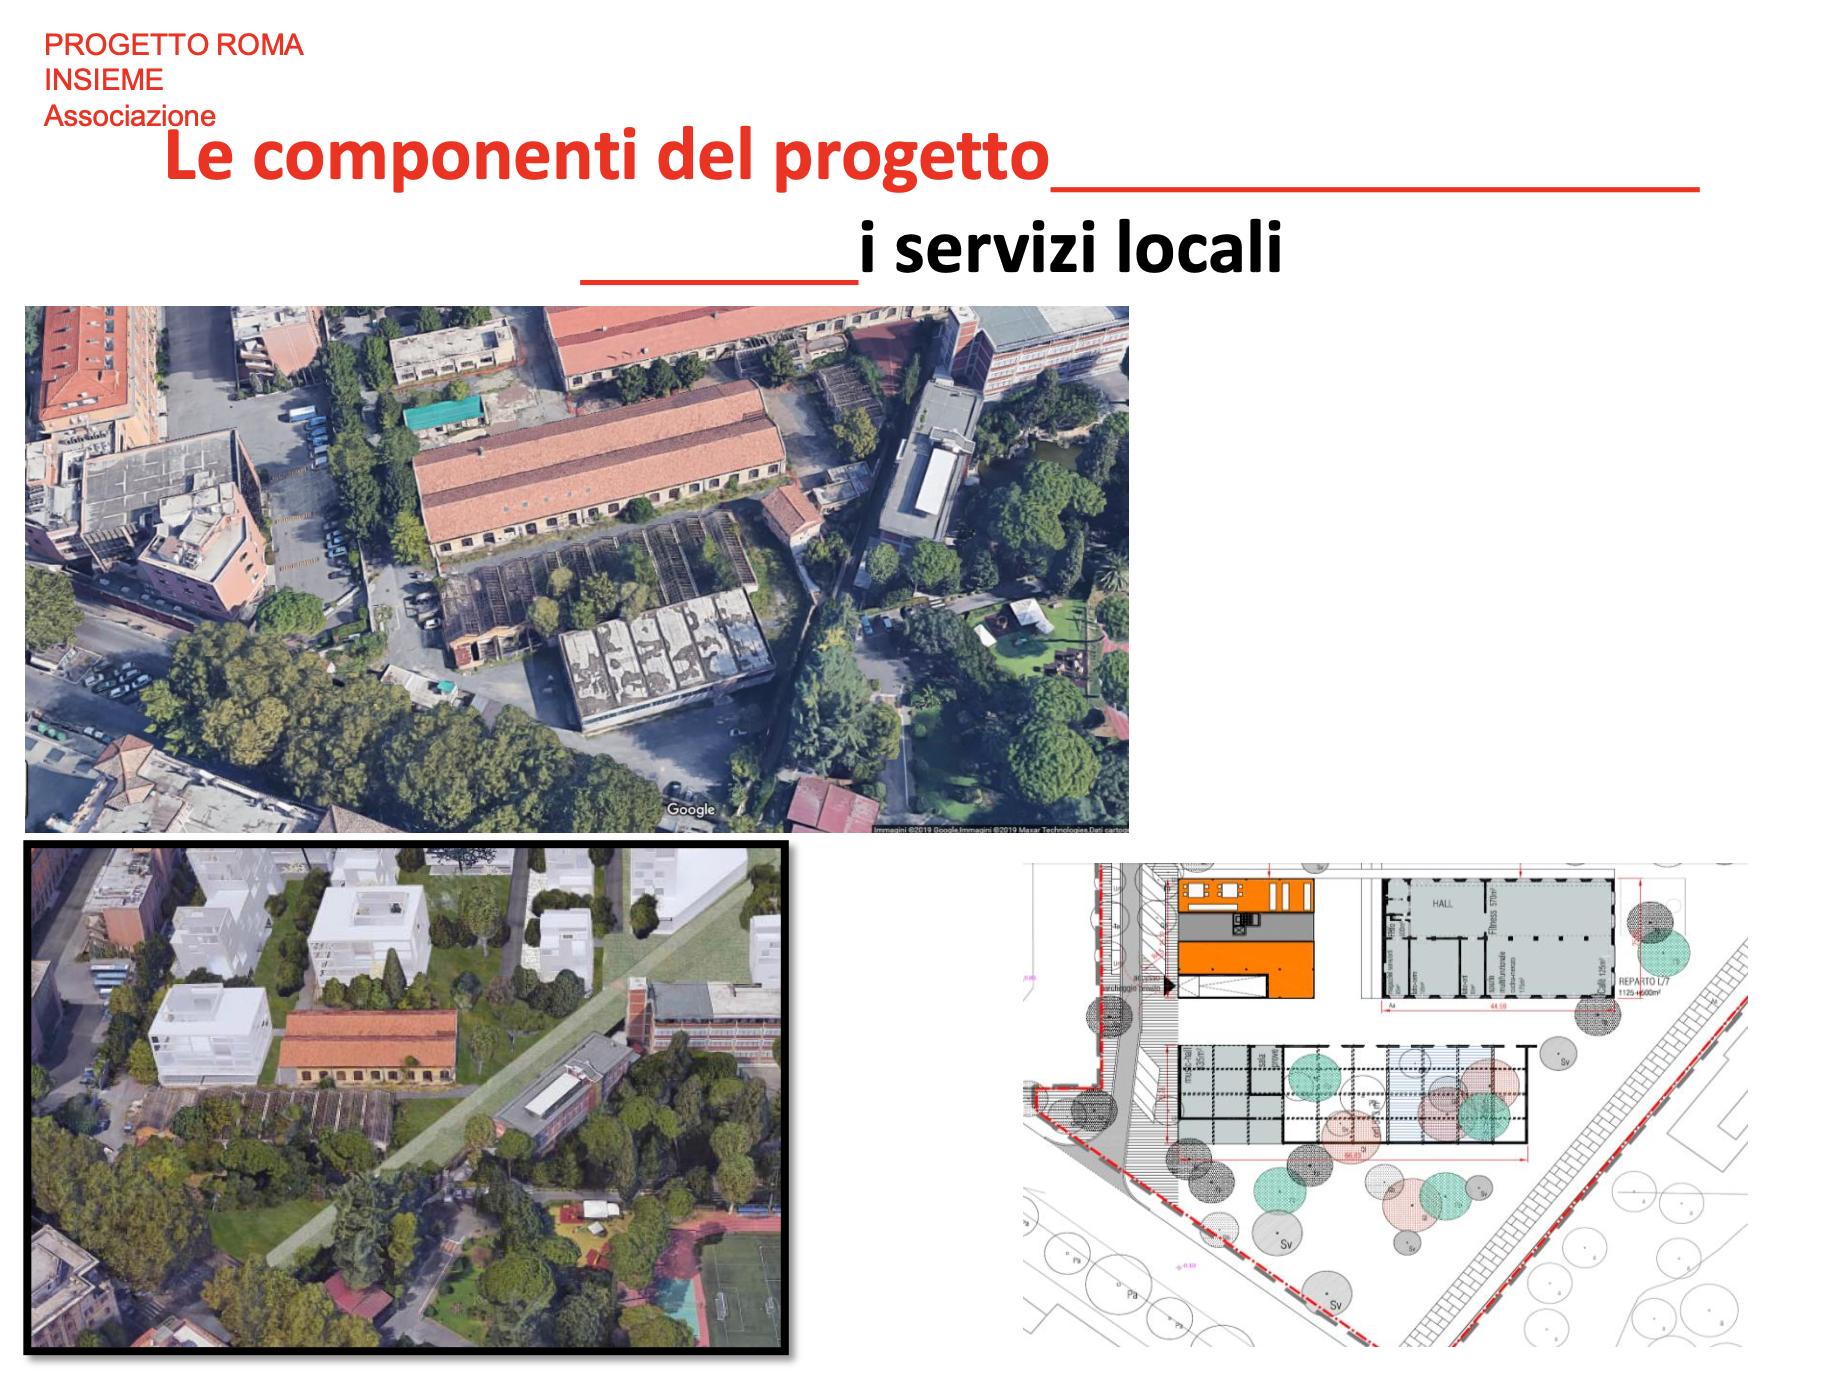 Ex stabilimenti Reni slide Progetto roma insieme 07